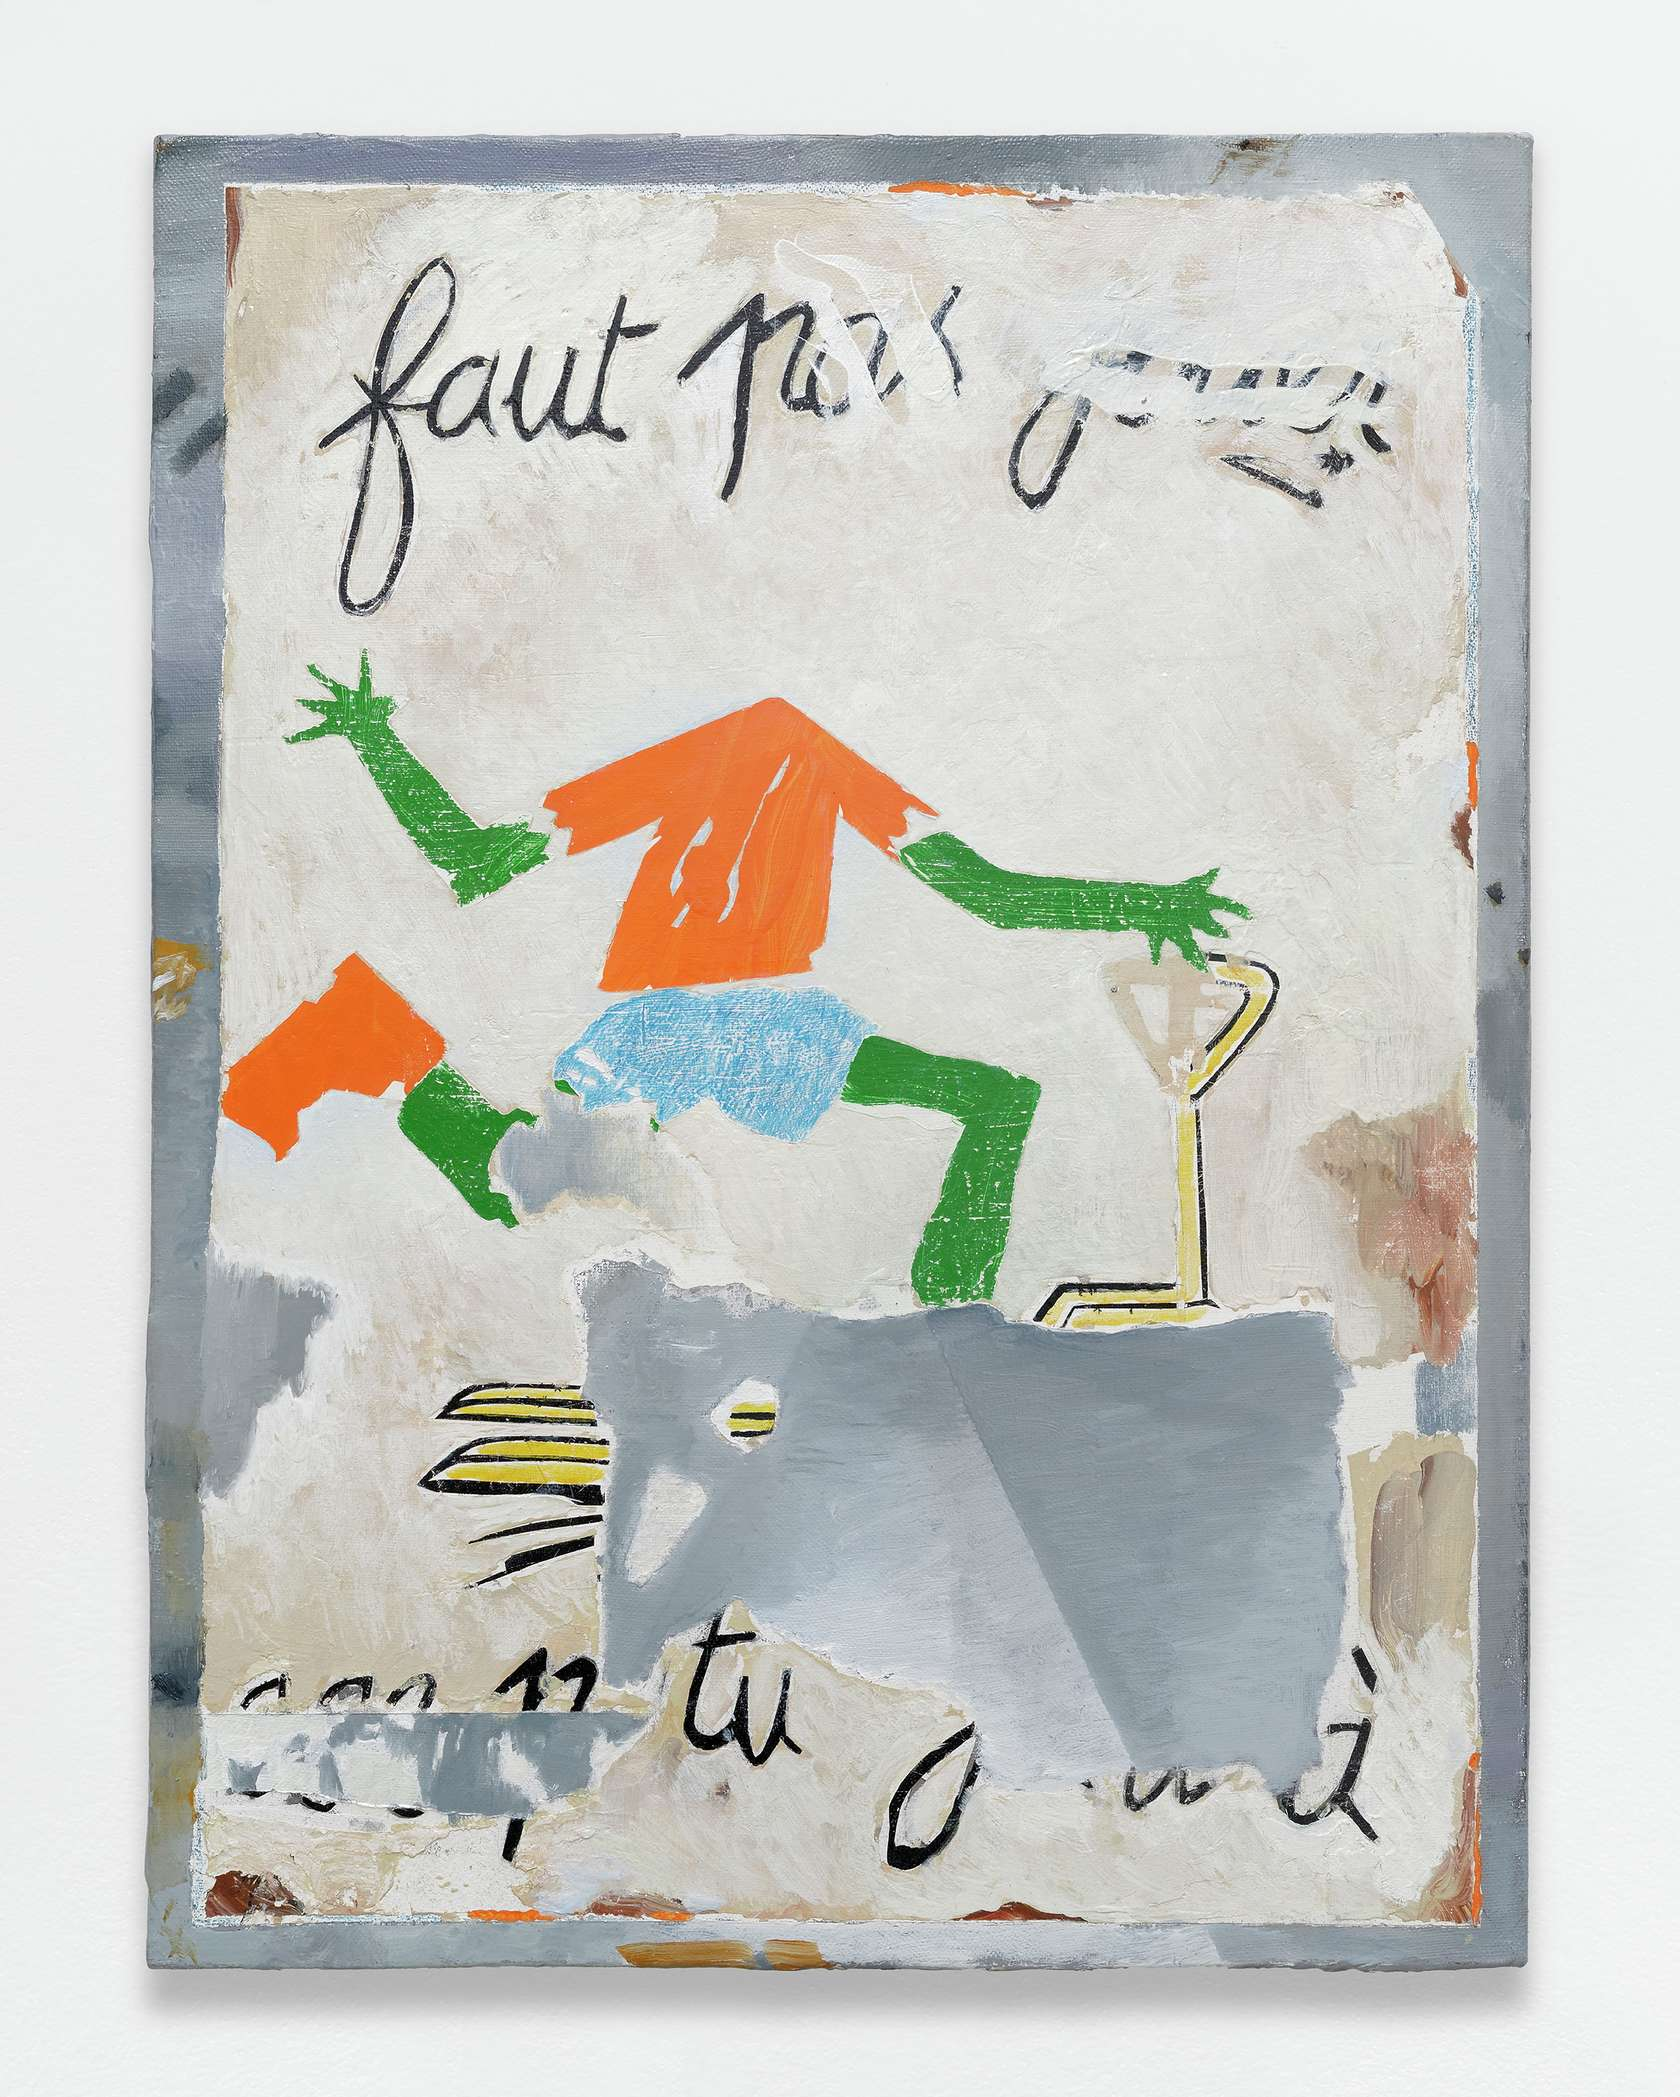 Laurent Proux, Faut pas, 2017 Huile sur toile61.5 x 46cm / 24 2/8 x 18 1/8inches